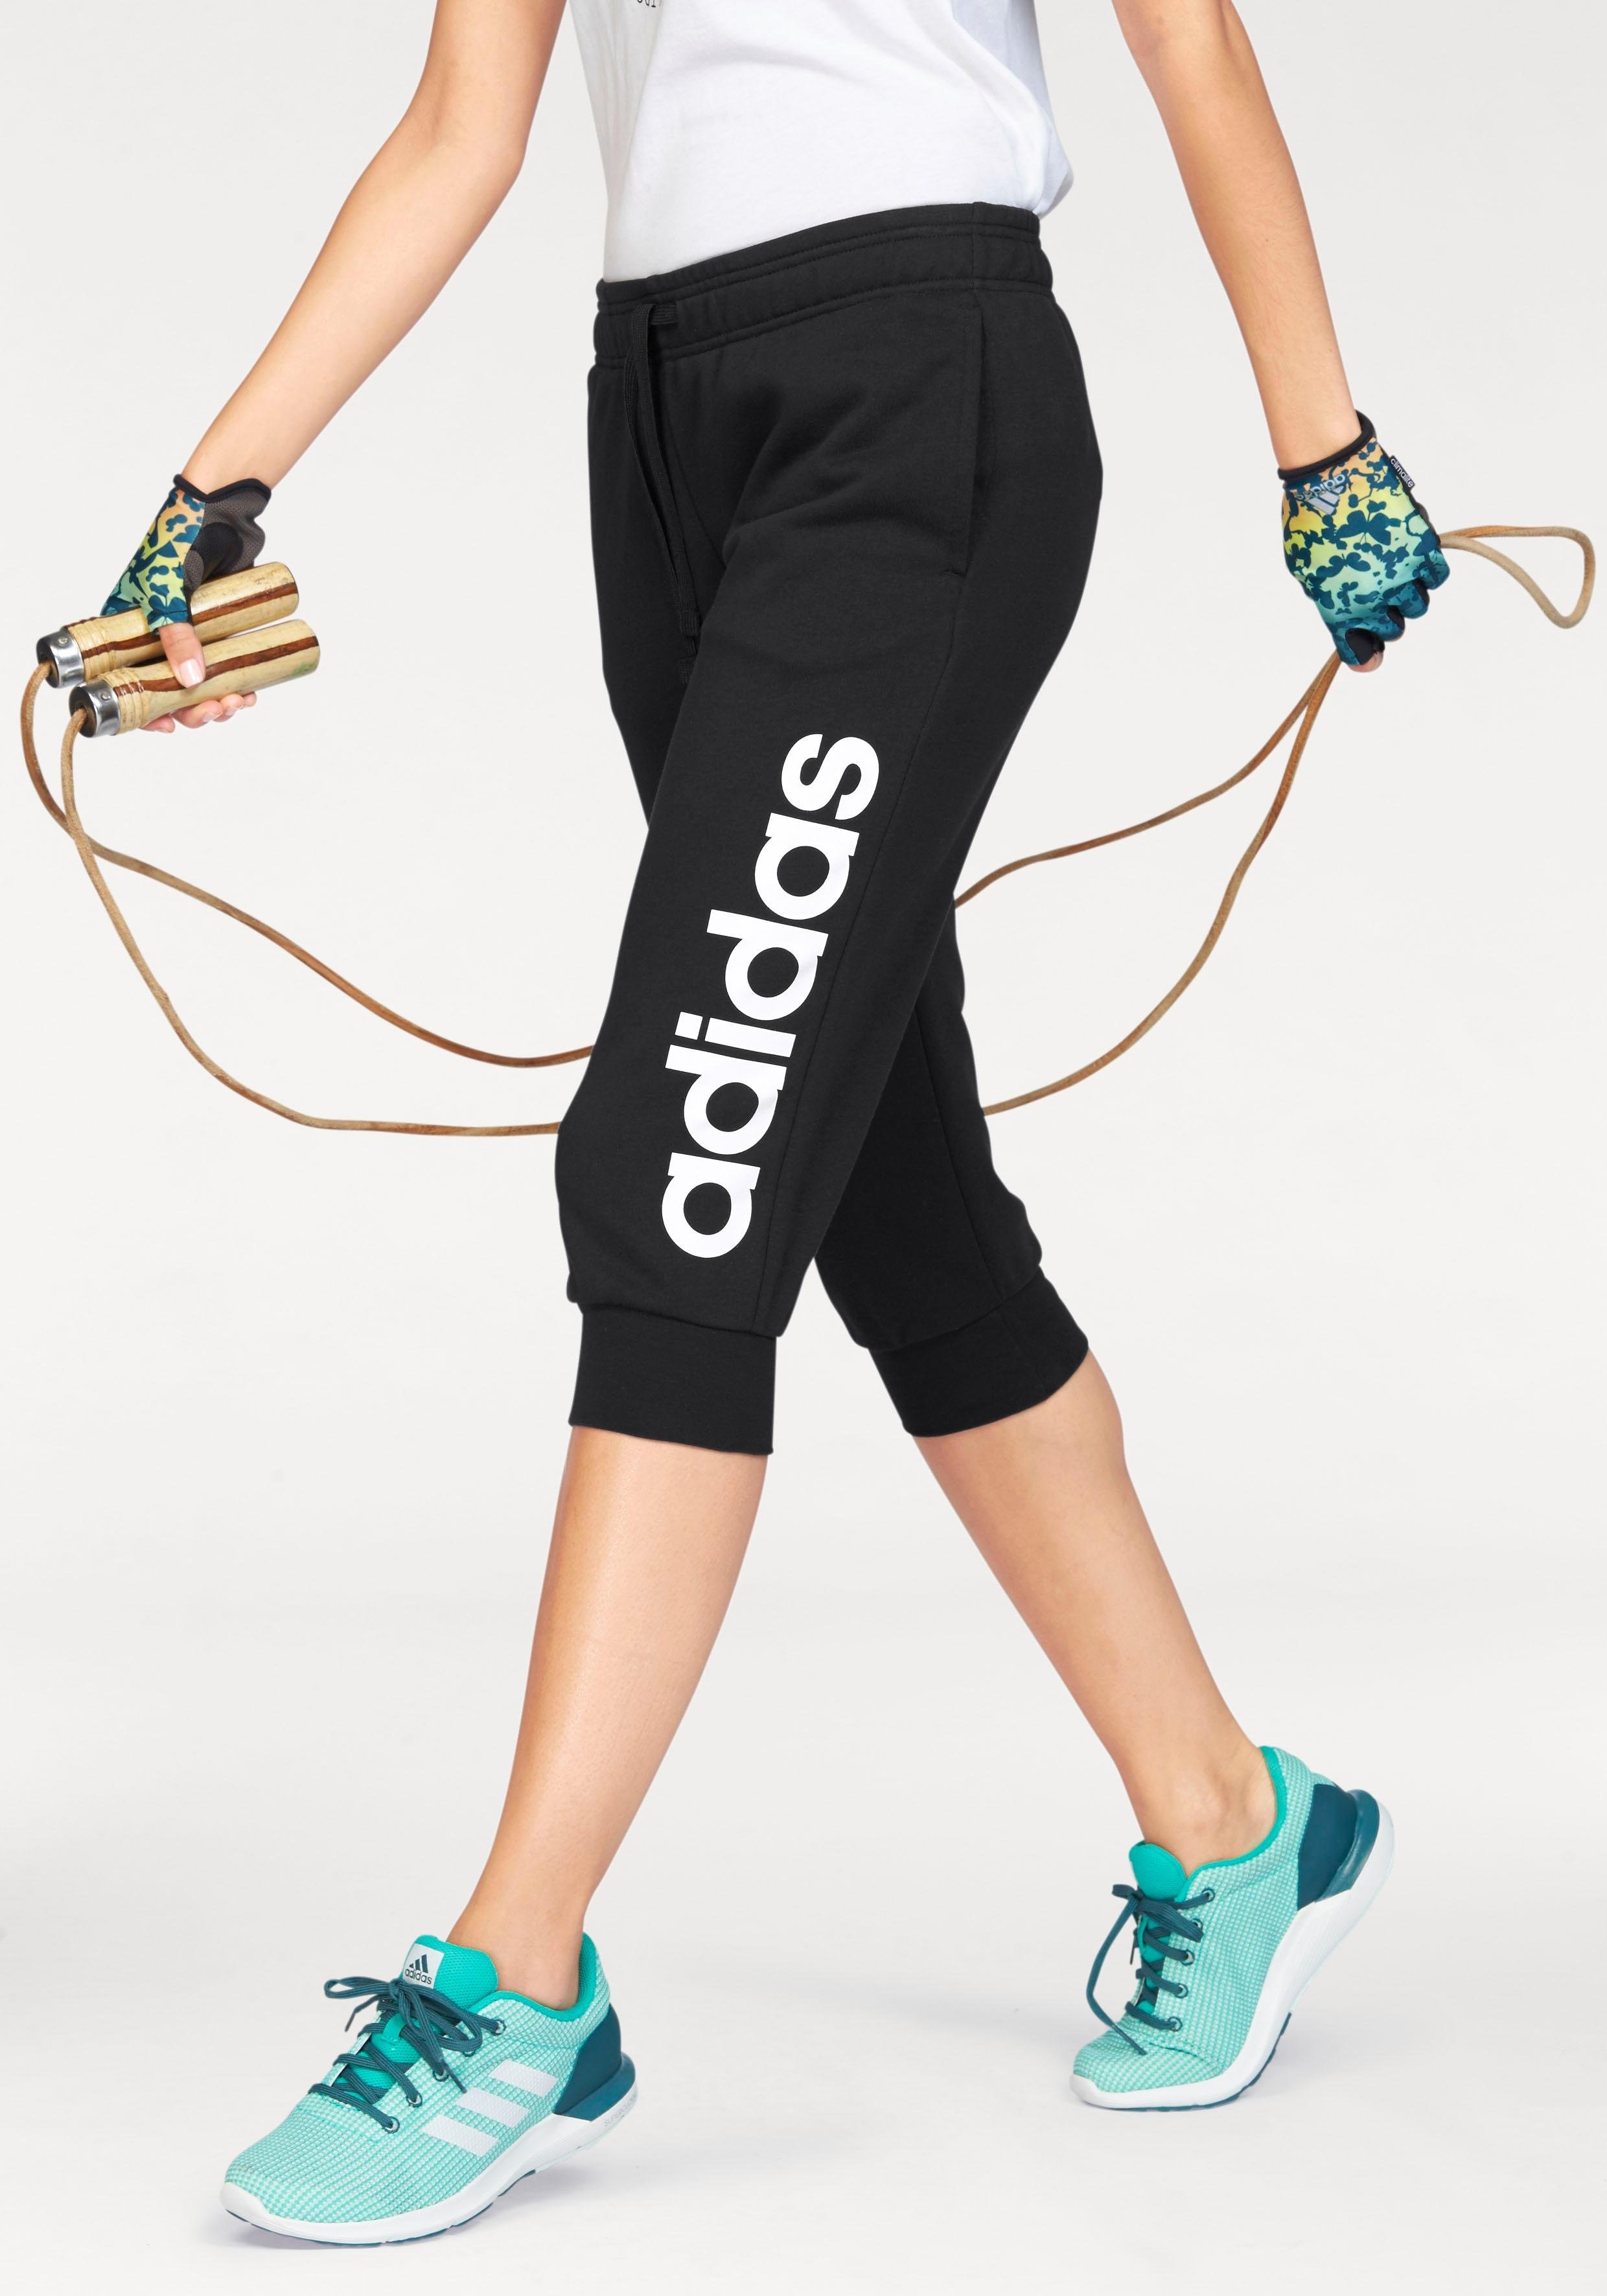 4 De Performance Adidas Linear Online In Winkel Pant Driekwartbroekessentials 3 qpUVGSzM